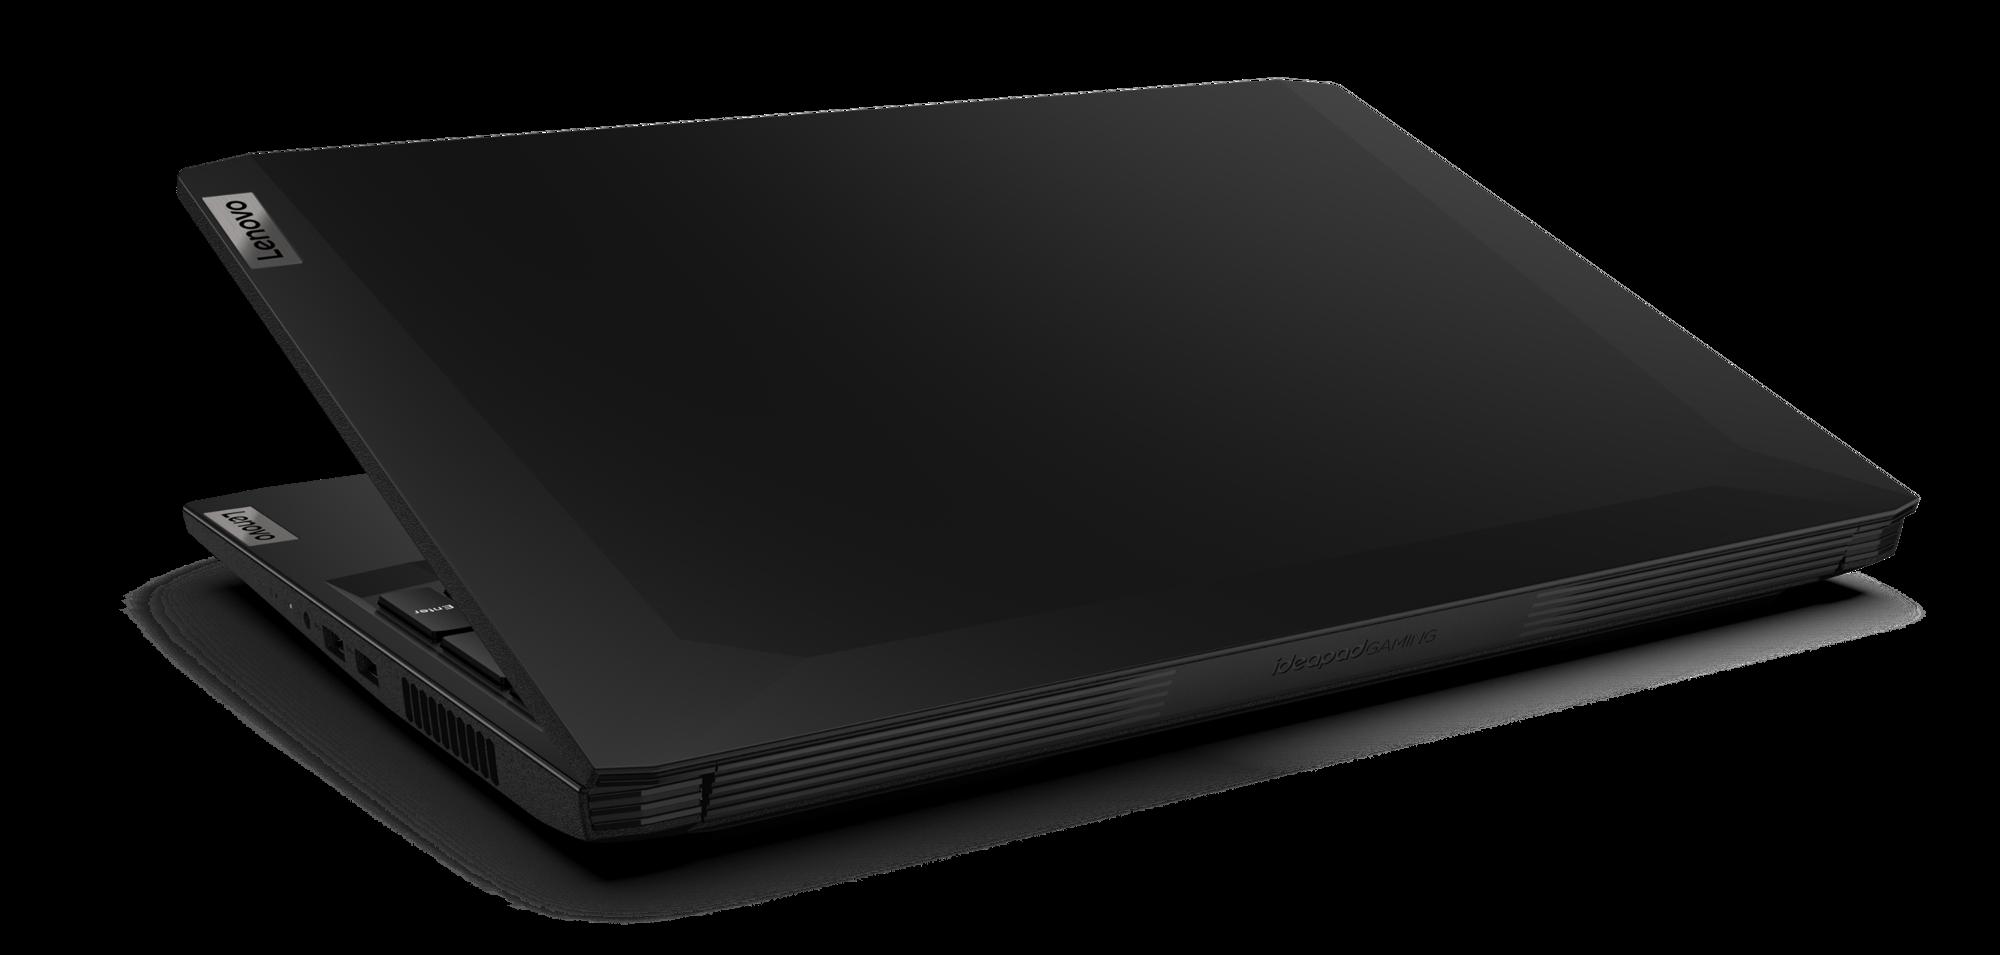 Lenovo IdeaPad Gaming 3 (4)